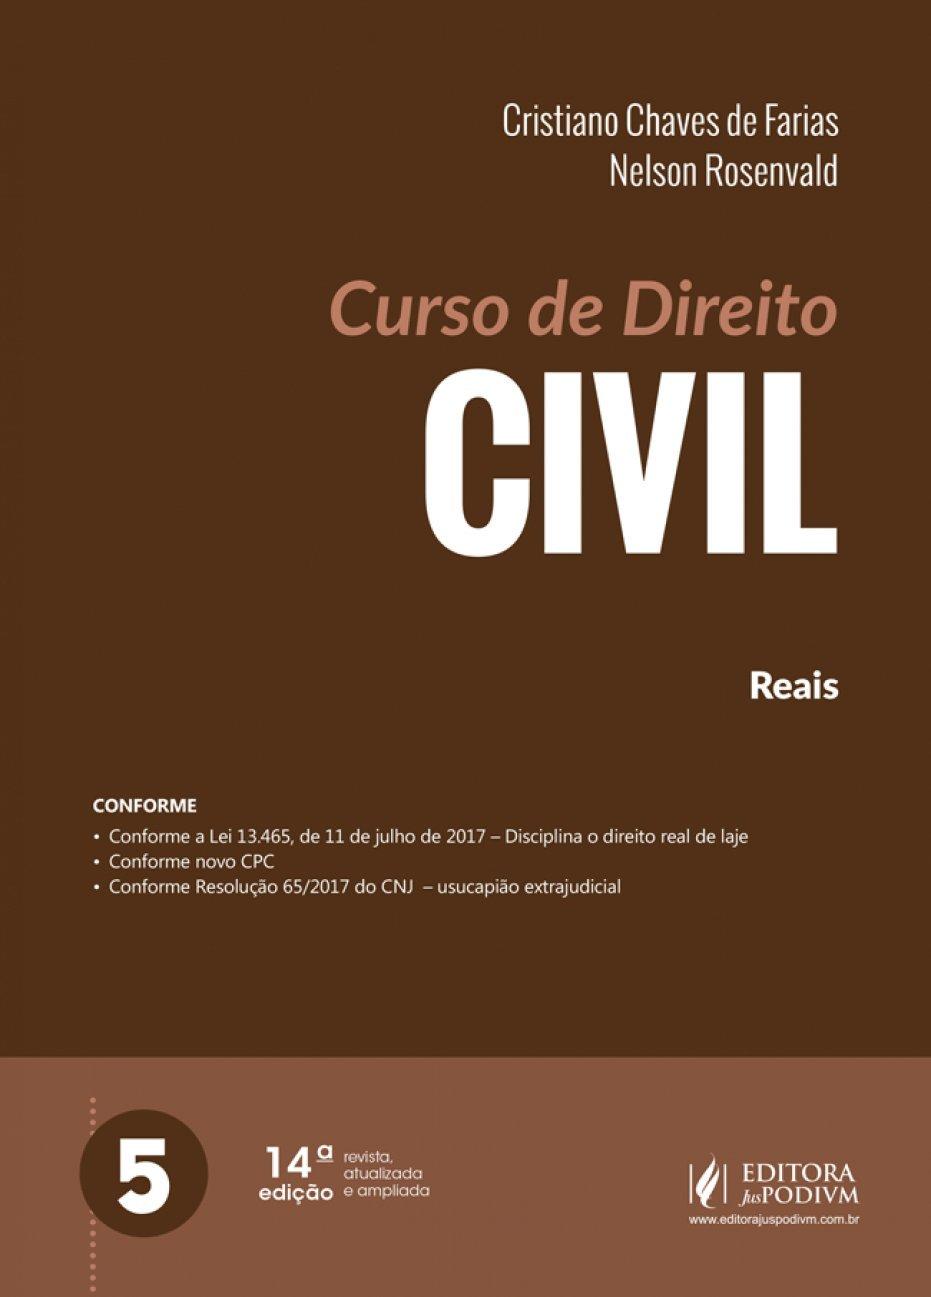 curso de direito civil - reais